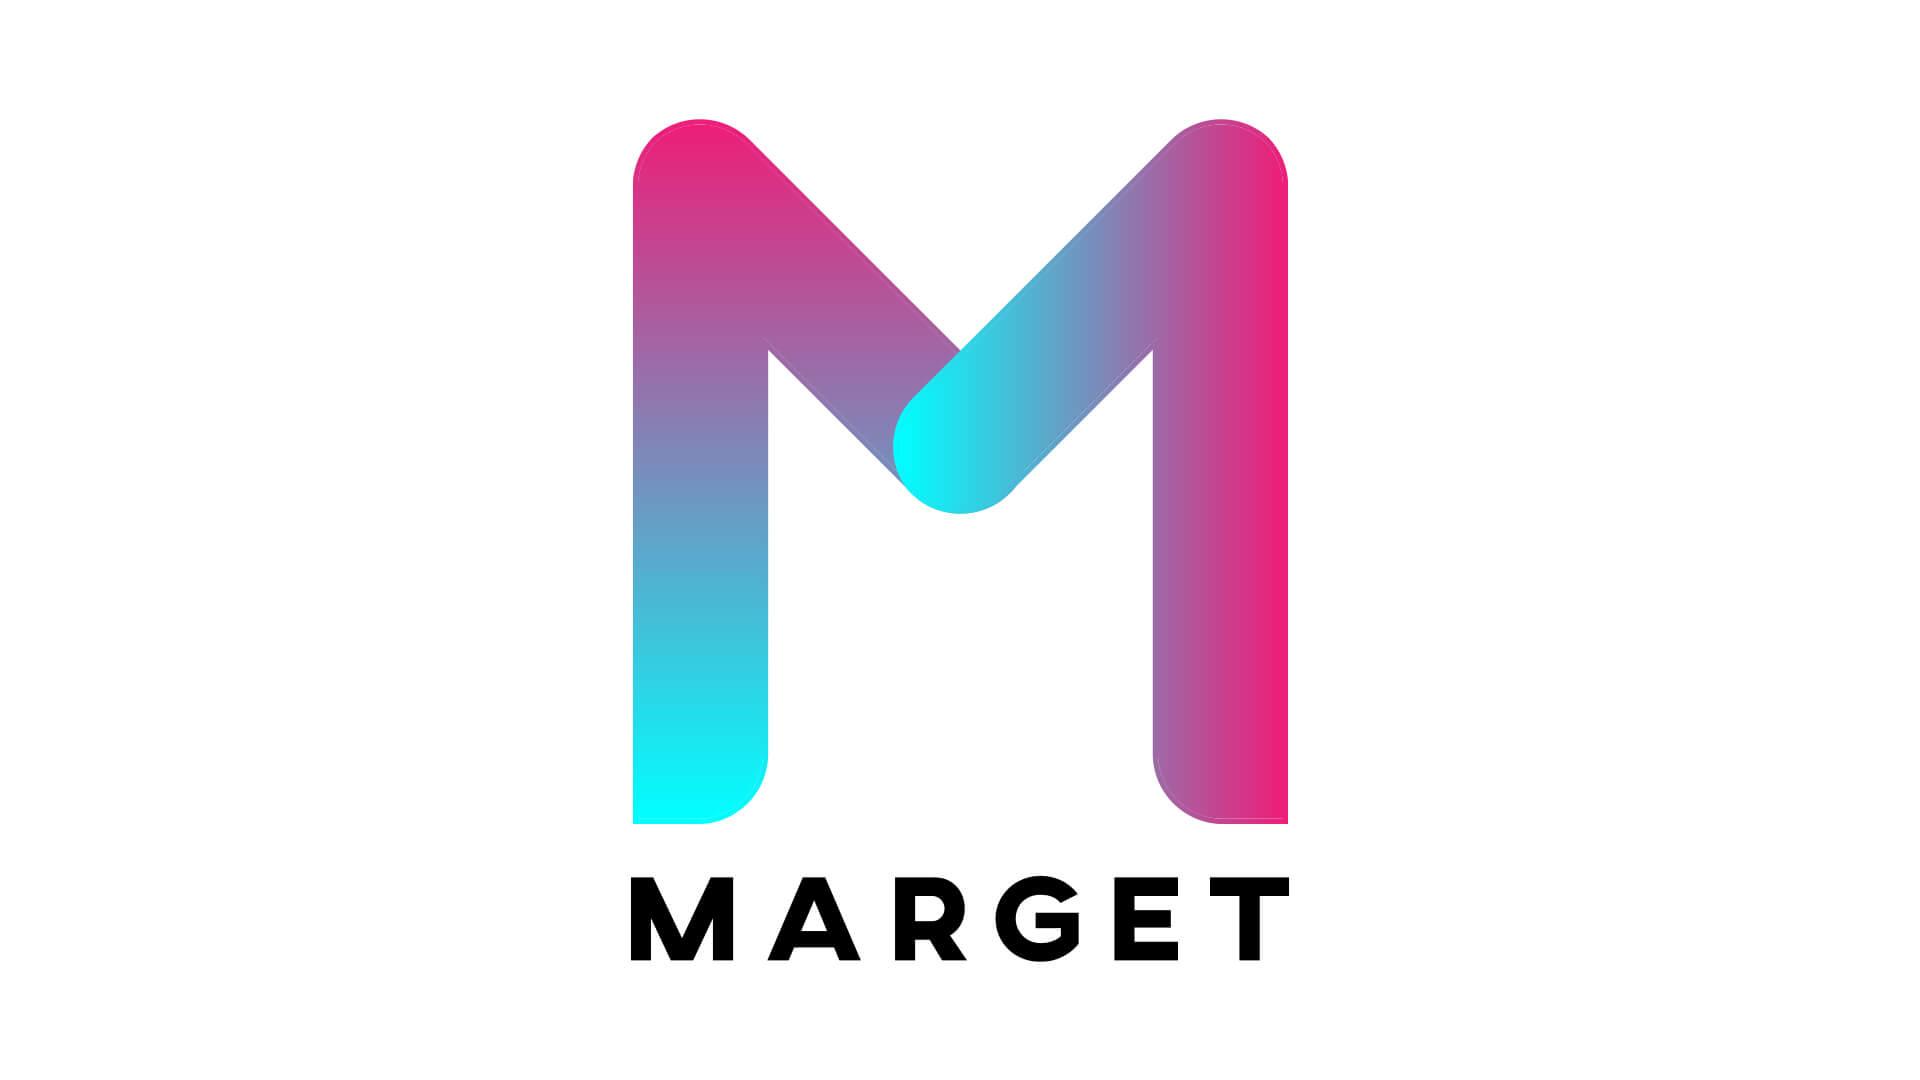 marget-hero (1)